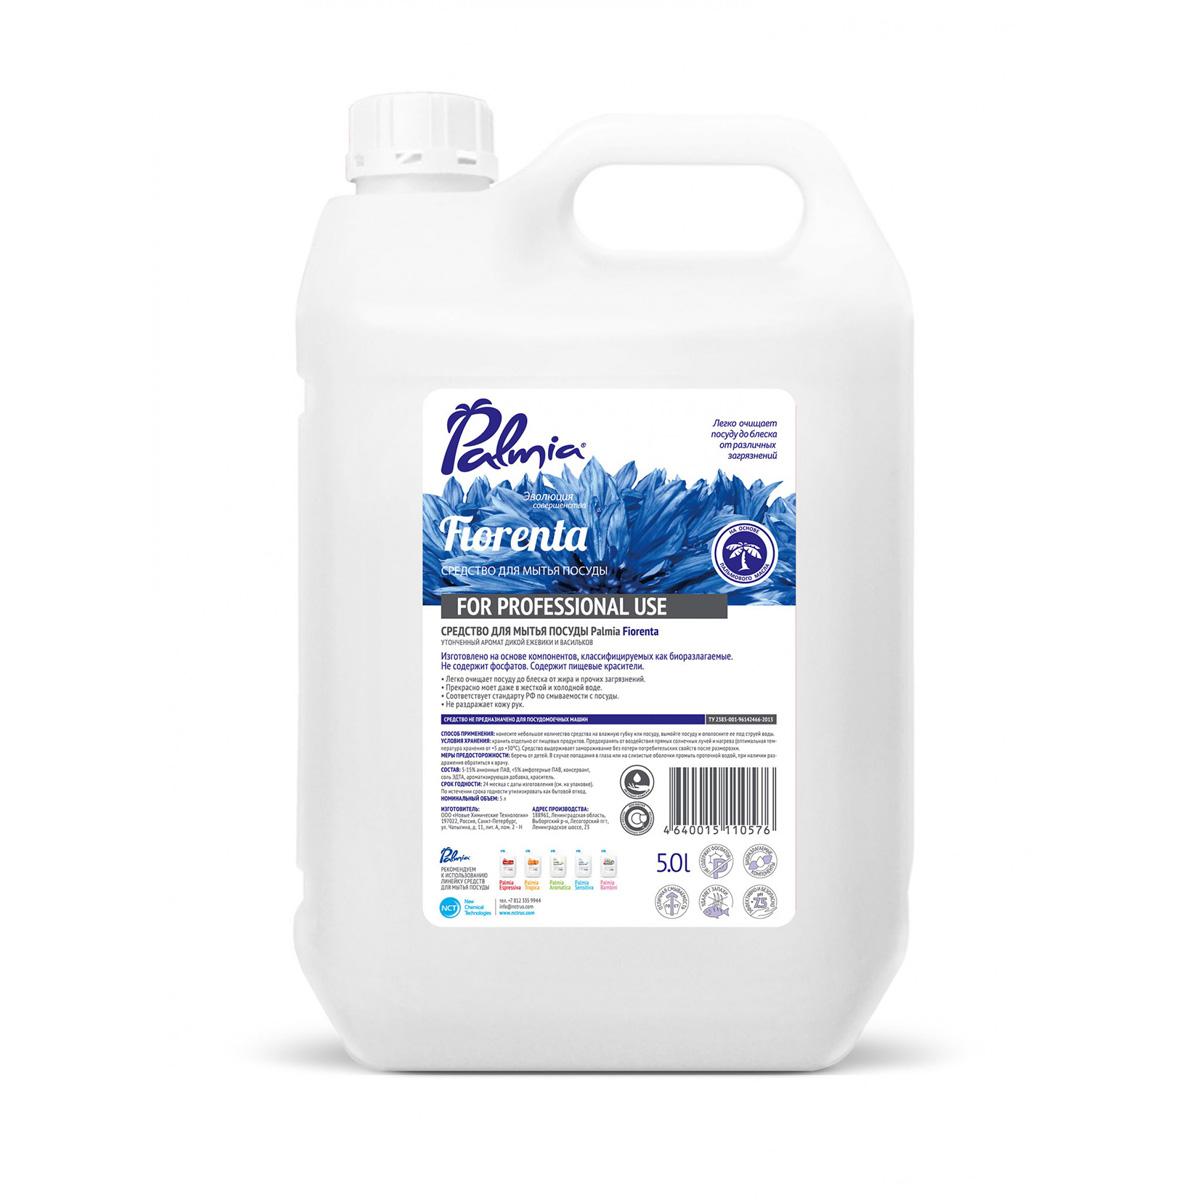 Гель для мытья посуды Palmia Fiorenta, с ароматом ежевики и васильков, 5 л4640015110576Гель для мытья посуды c ароматом ежевики и васильков. Отлично смывает любые загрязнения , смывает трудновыводимые запахи. Полностью смывается при ополаскивании. Продукт полностью биоразлагаем.